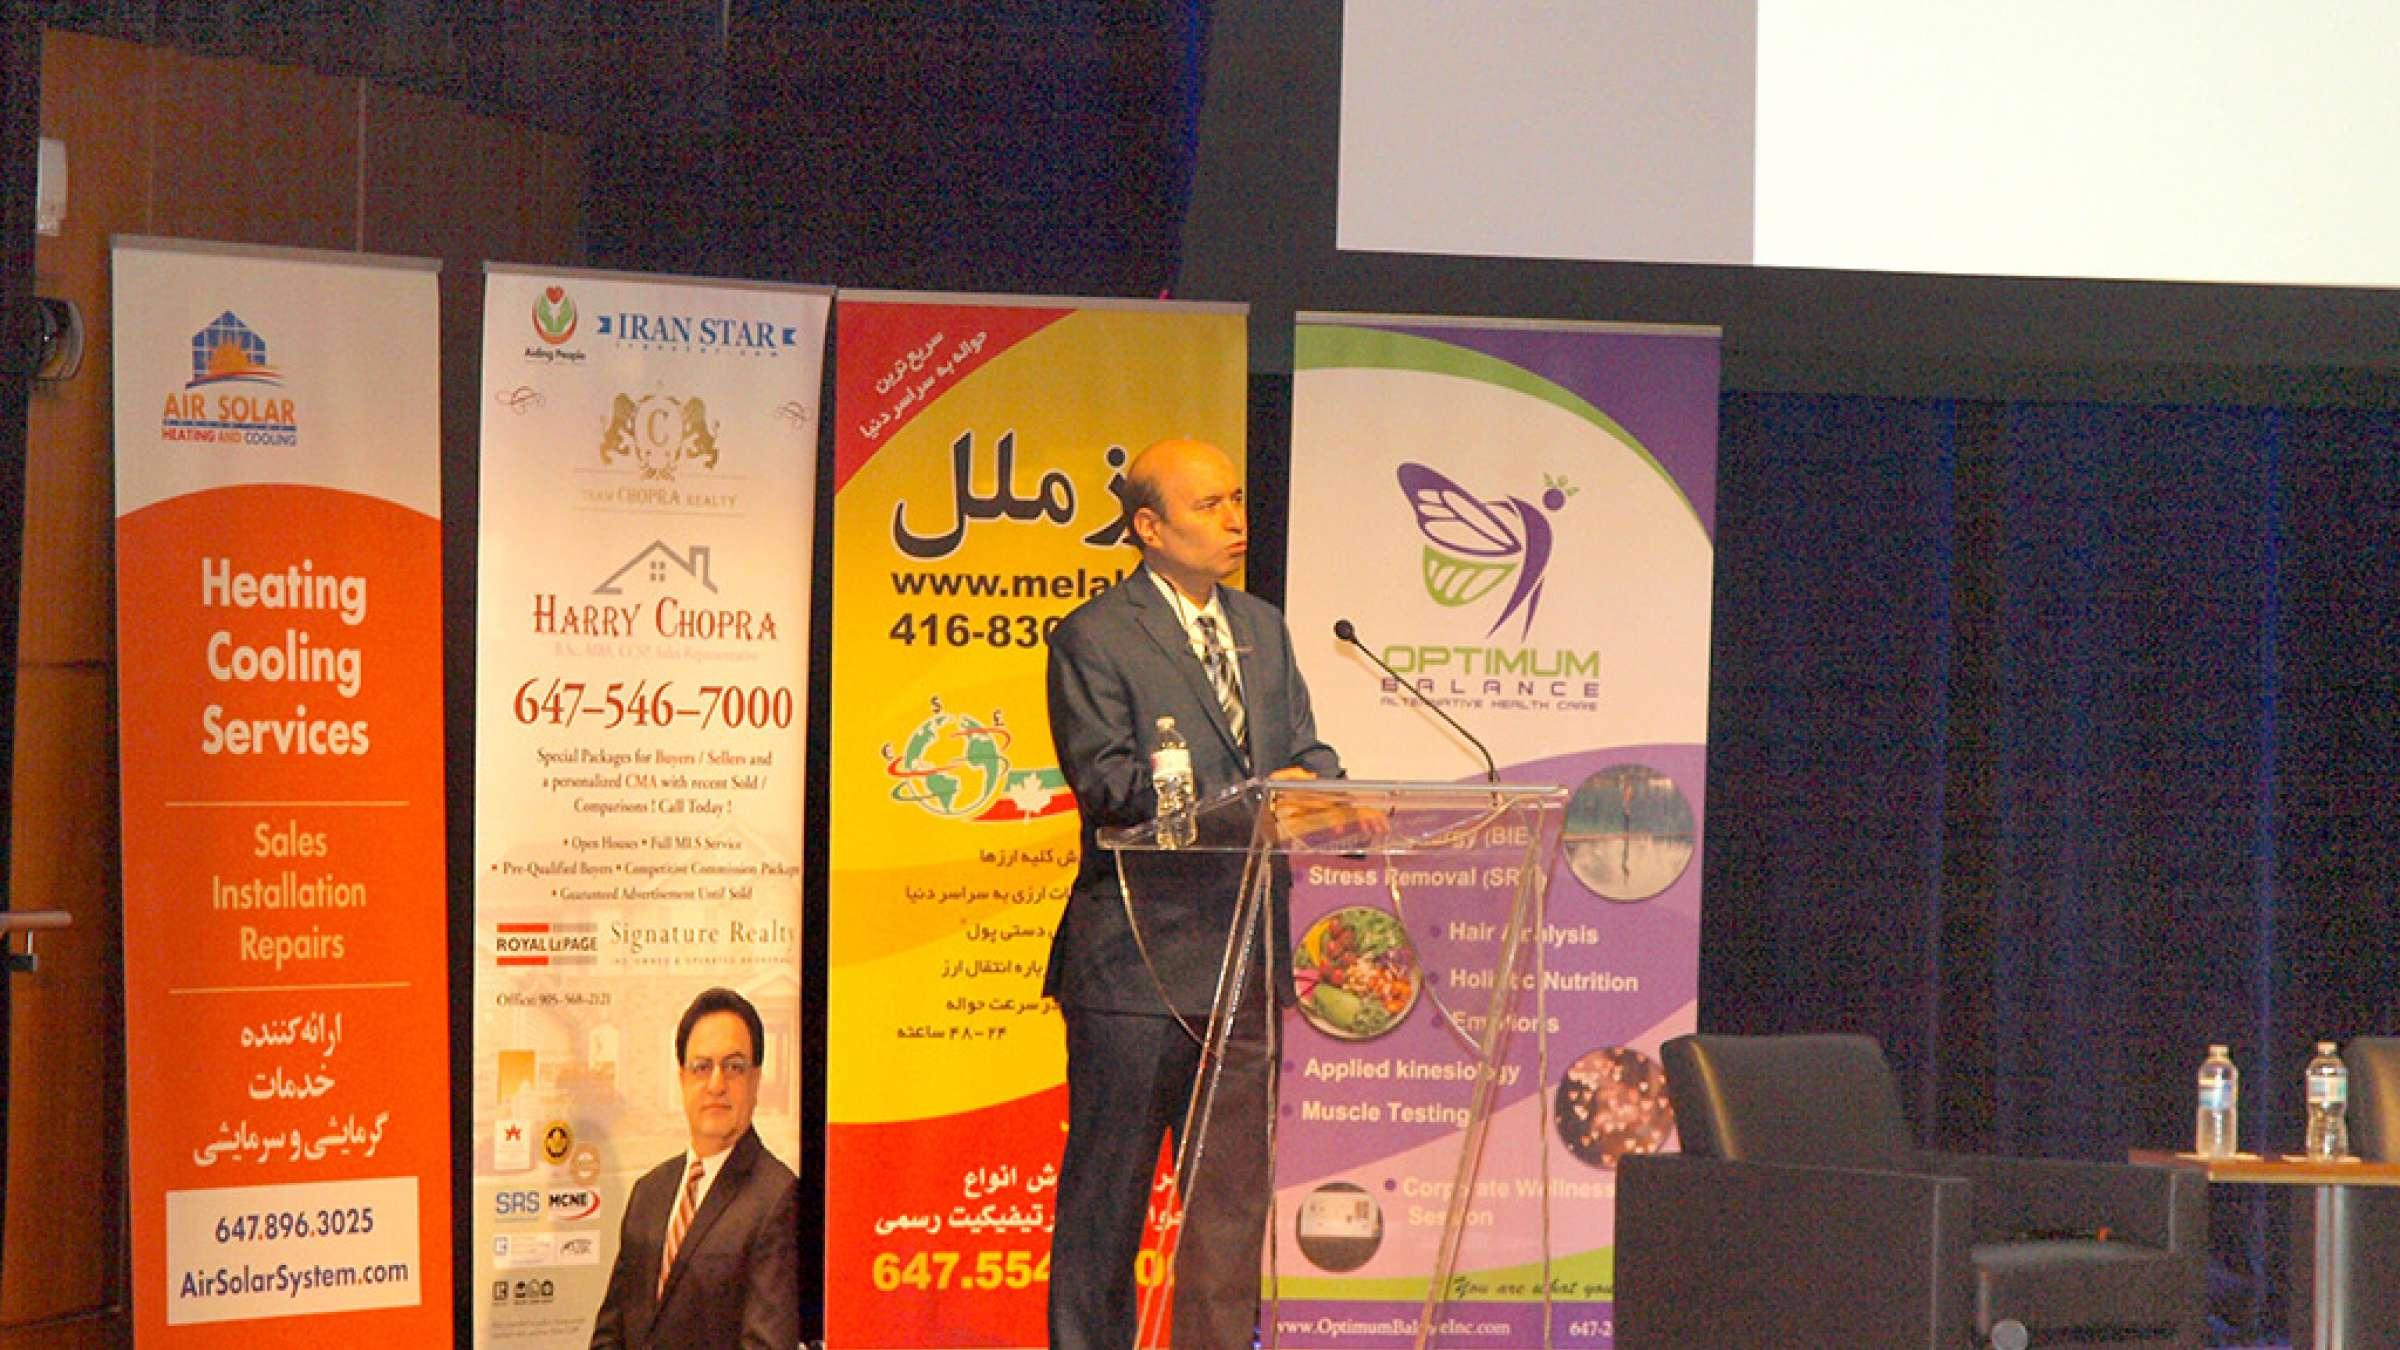 گزارش-روز-برگزاری-بزرگترین-سمینار-سرطان-ایرانیان-در-کانادا-دکتر-محمد-رستگارپناه